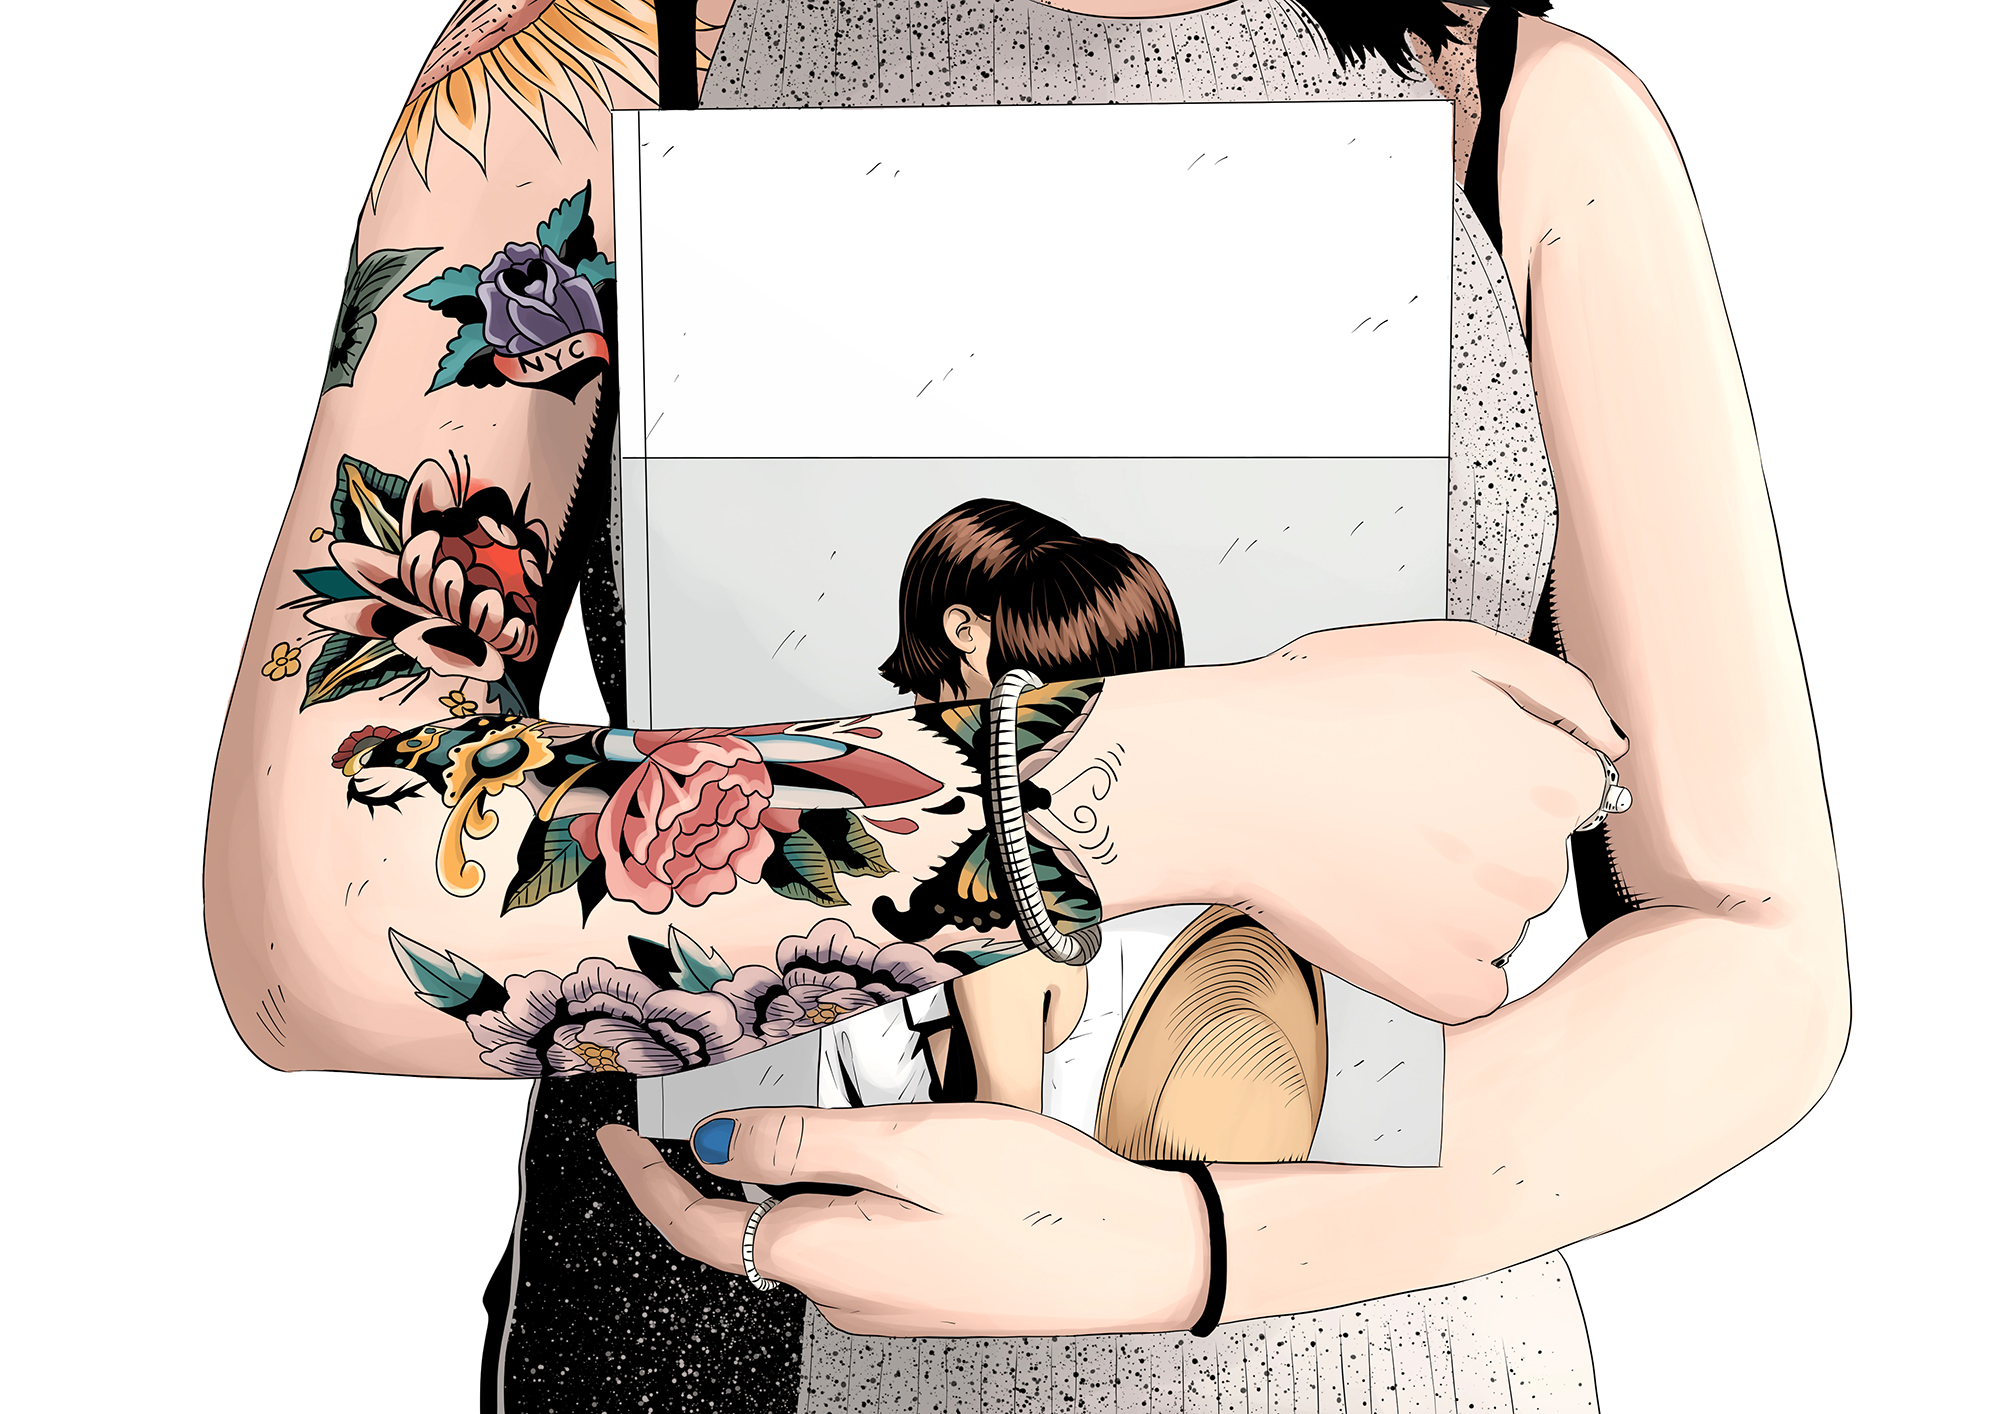 www.freeillustrated.com